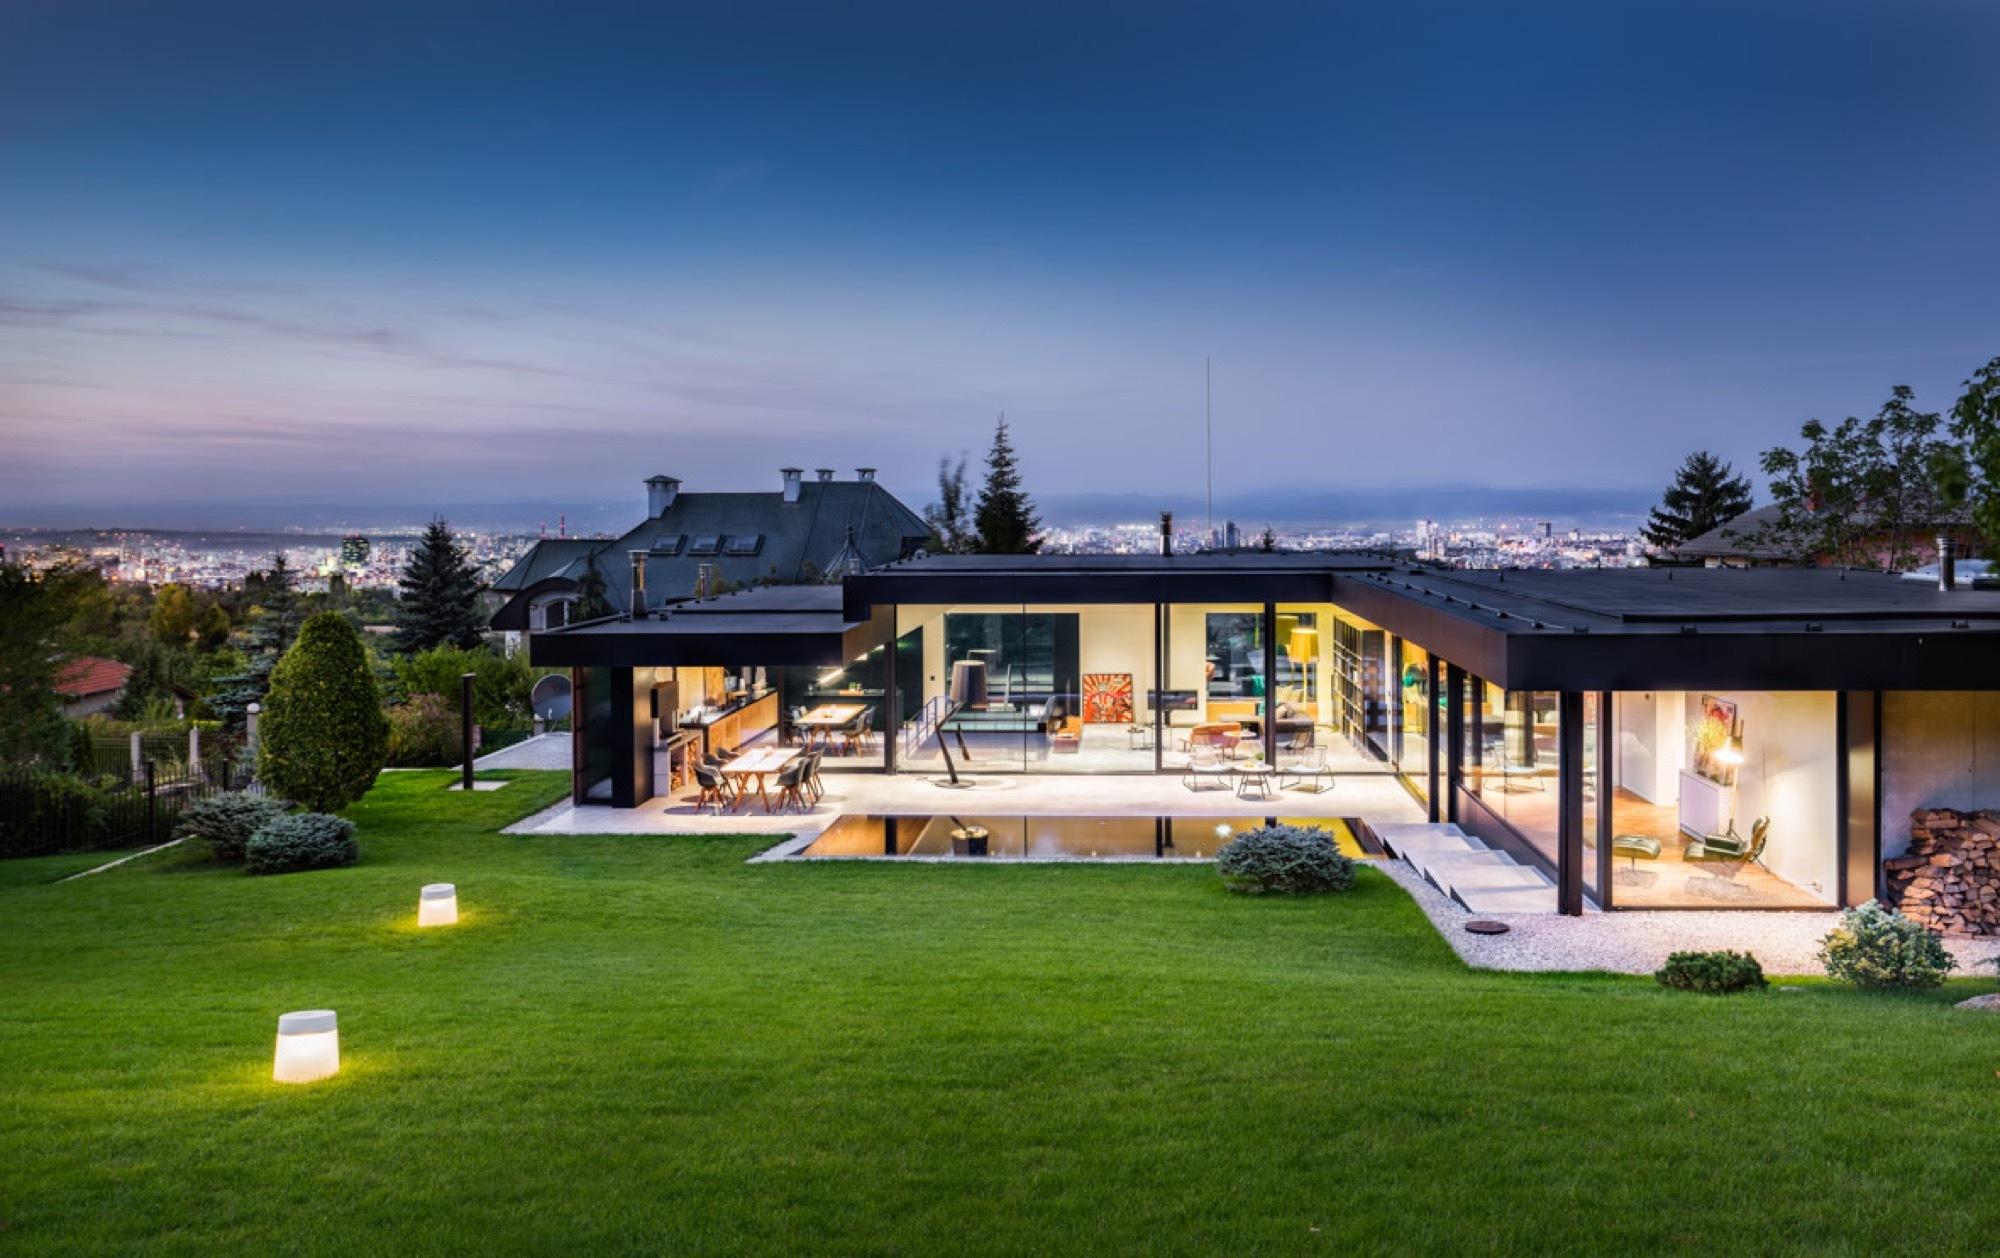 Casa Pagoda / I/O architects